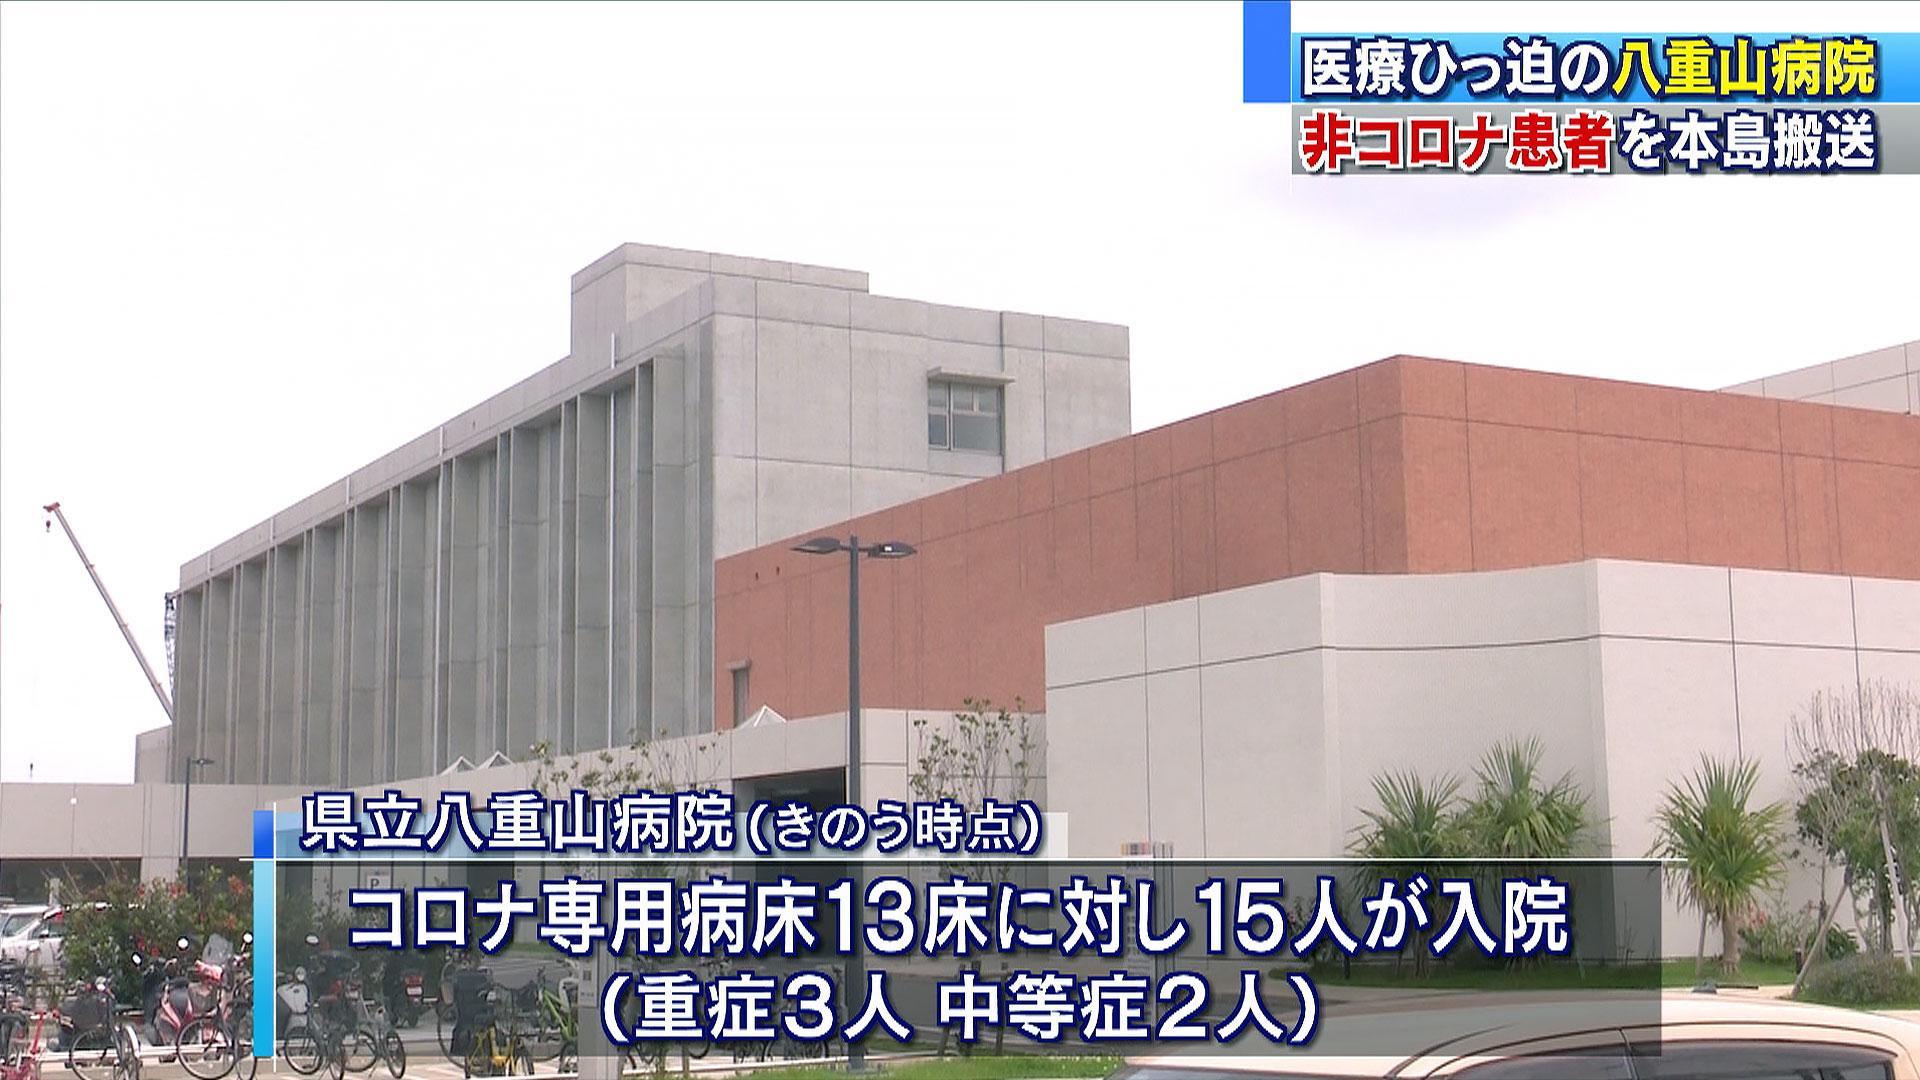 八重山病院コロナ以外の重症患者を本島搬送へ